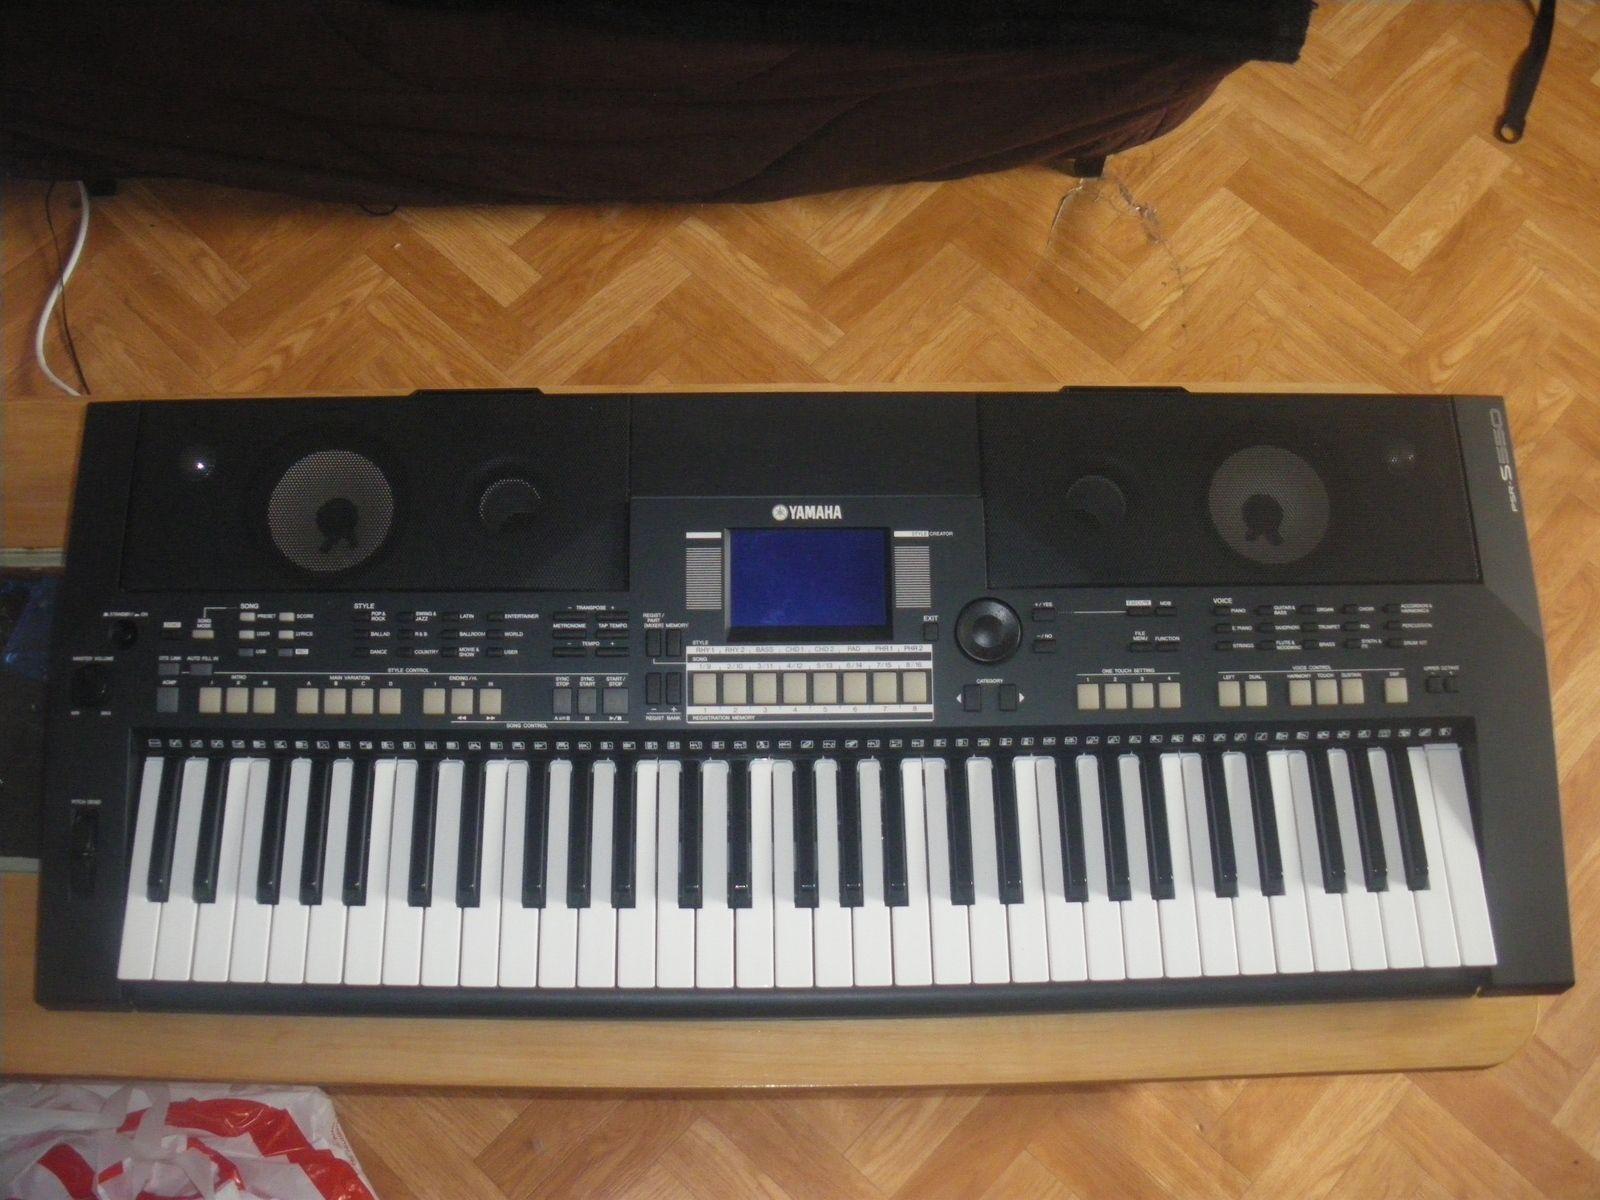 Tabla Beats For Yamaha Keyboard - staffdh